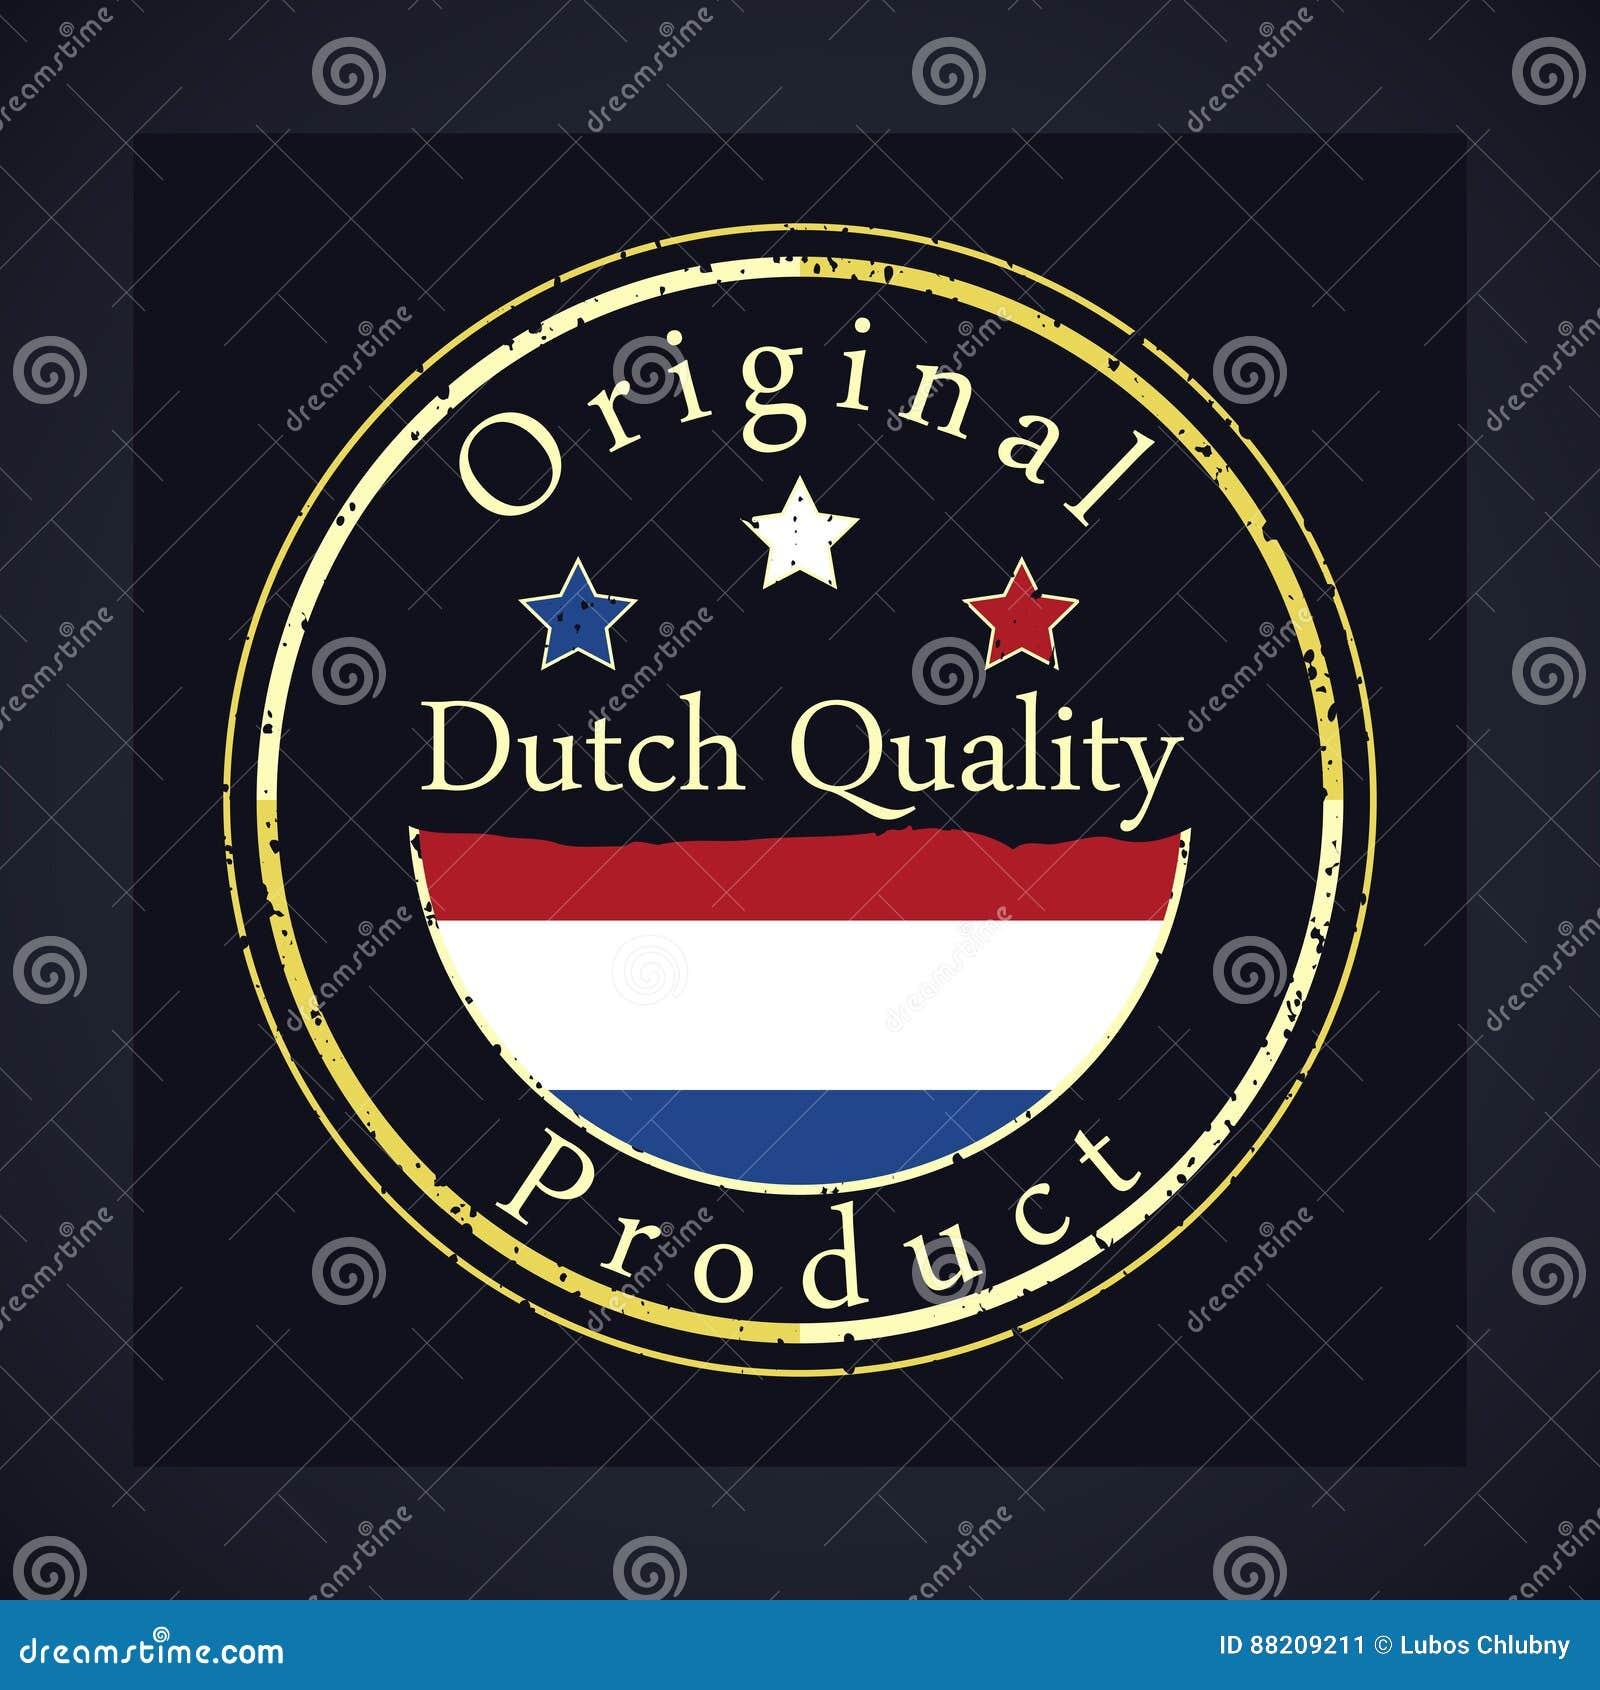 Selo do grunge do ouro com a qualidade holandesa do texto e o produto original A etiqueta contém a bandeira holandesa